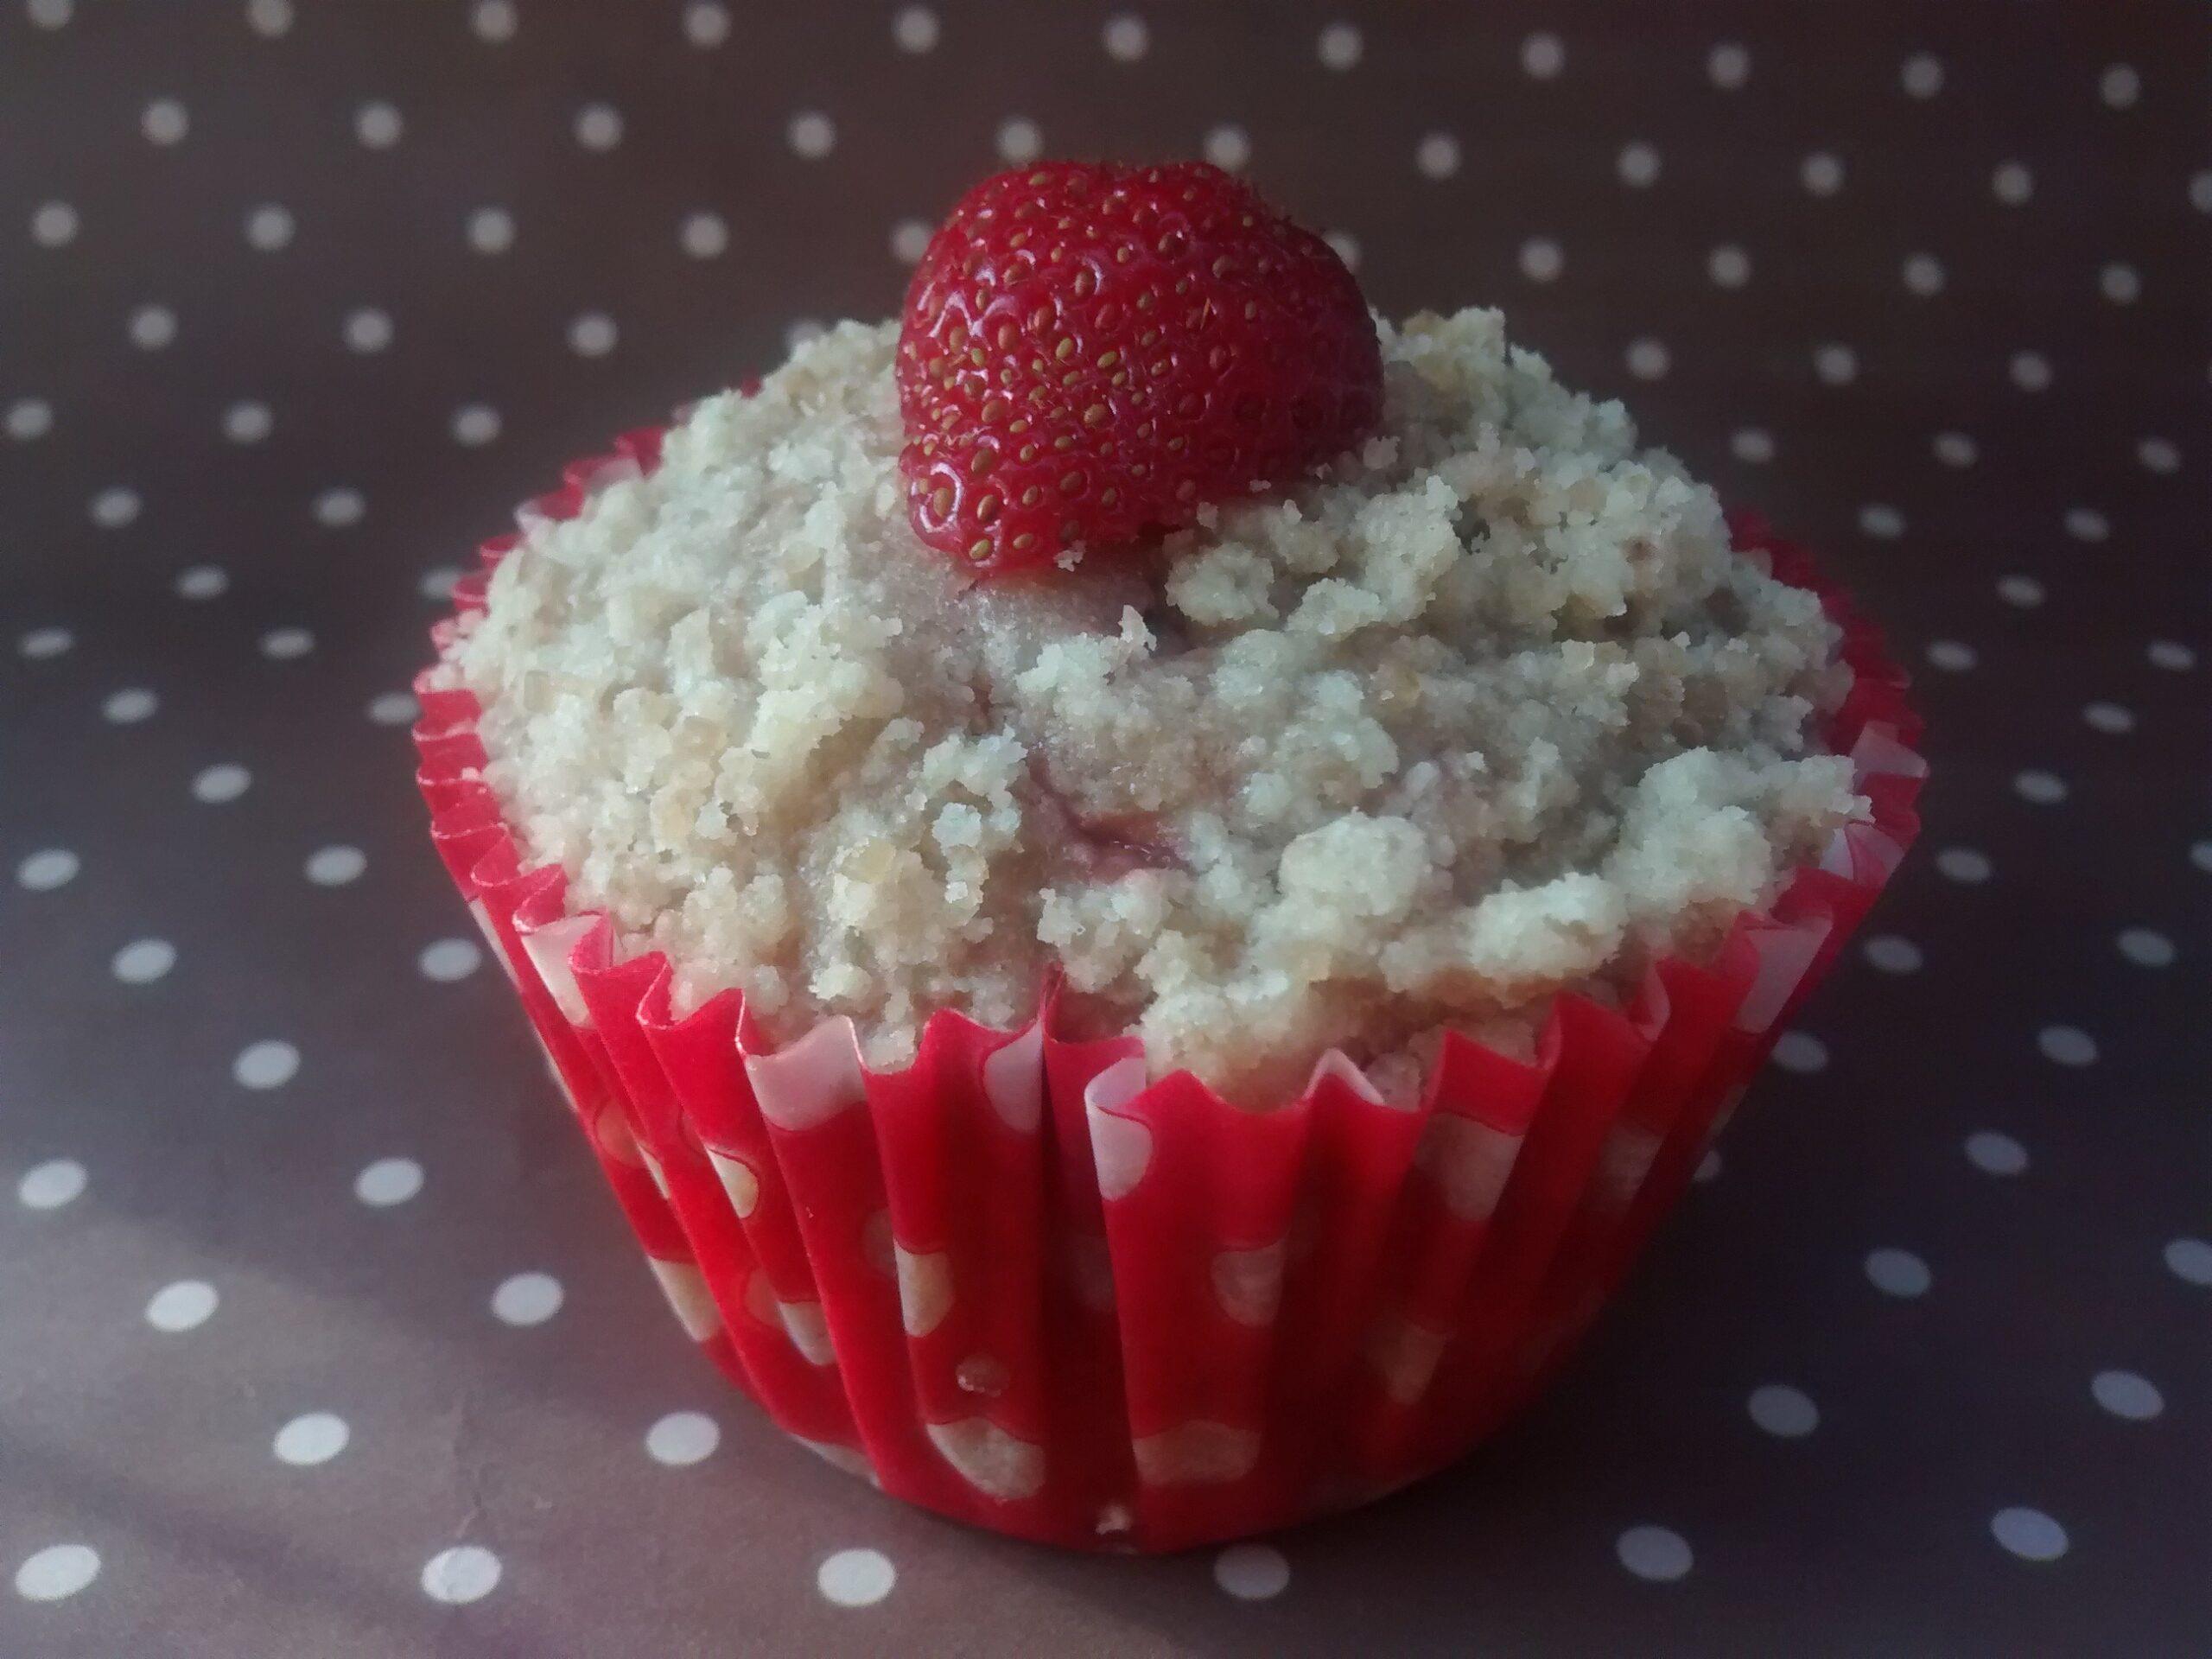 Muffins de morango com streusel 1